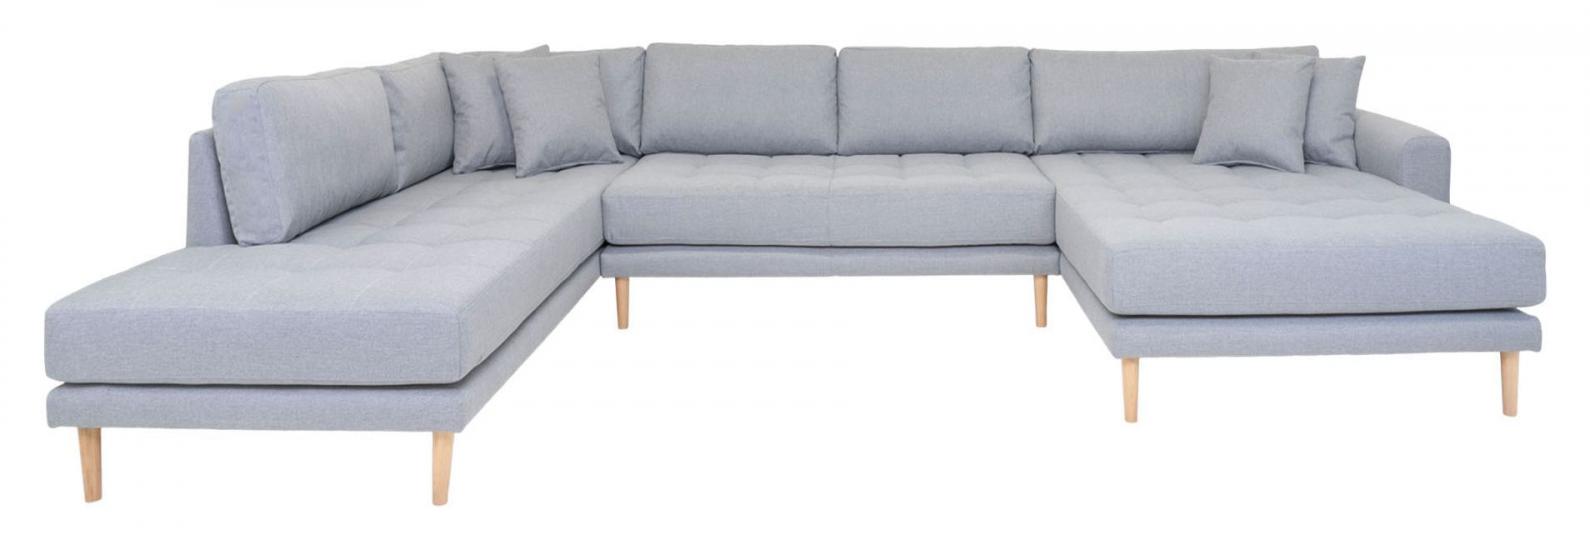 Lido U-sofa m, Åpen ende Høyrevendt - Lysegrå